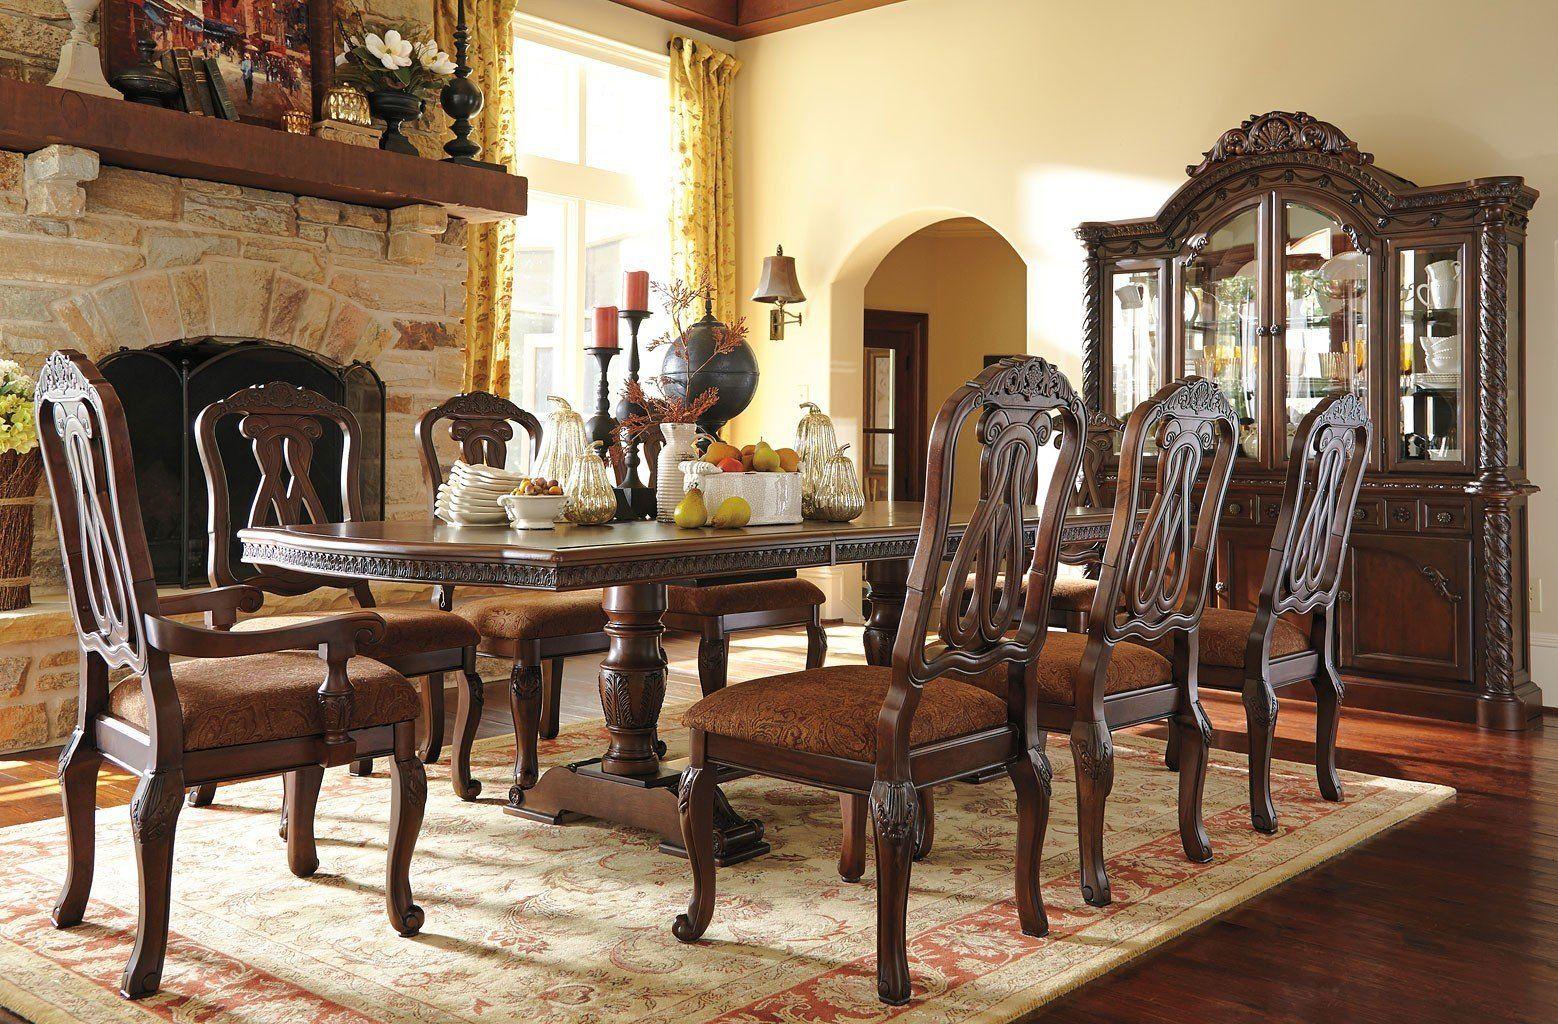 North Shore Pedestal Dining Room Set Formal Dining Room Sets Dining Room Table Extension Dining Table #north #shore #living #room #sets